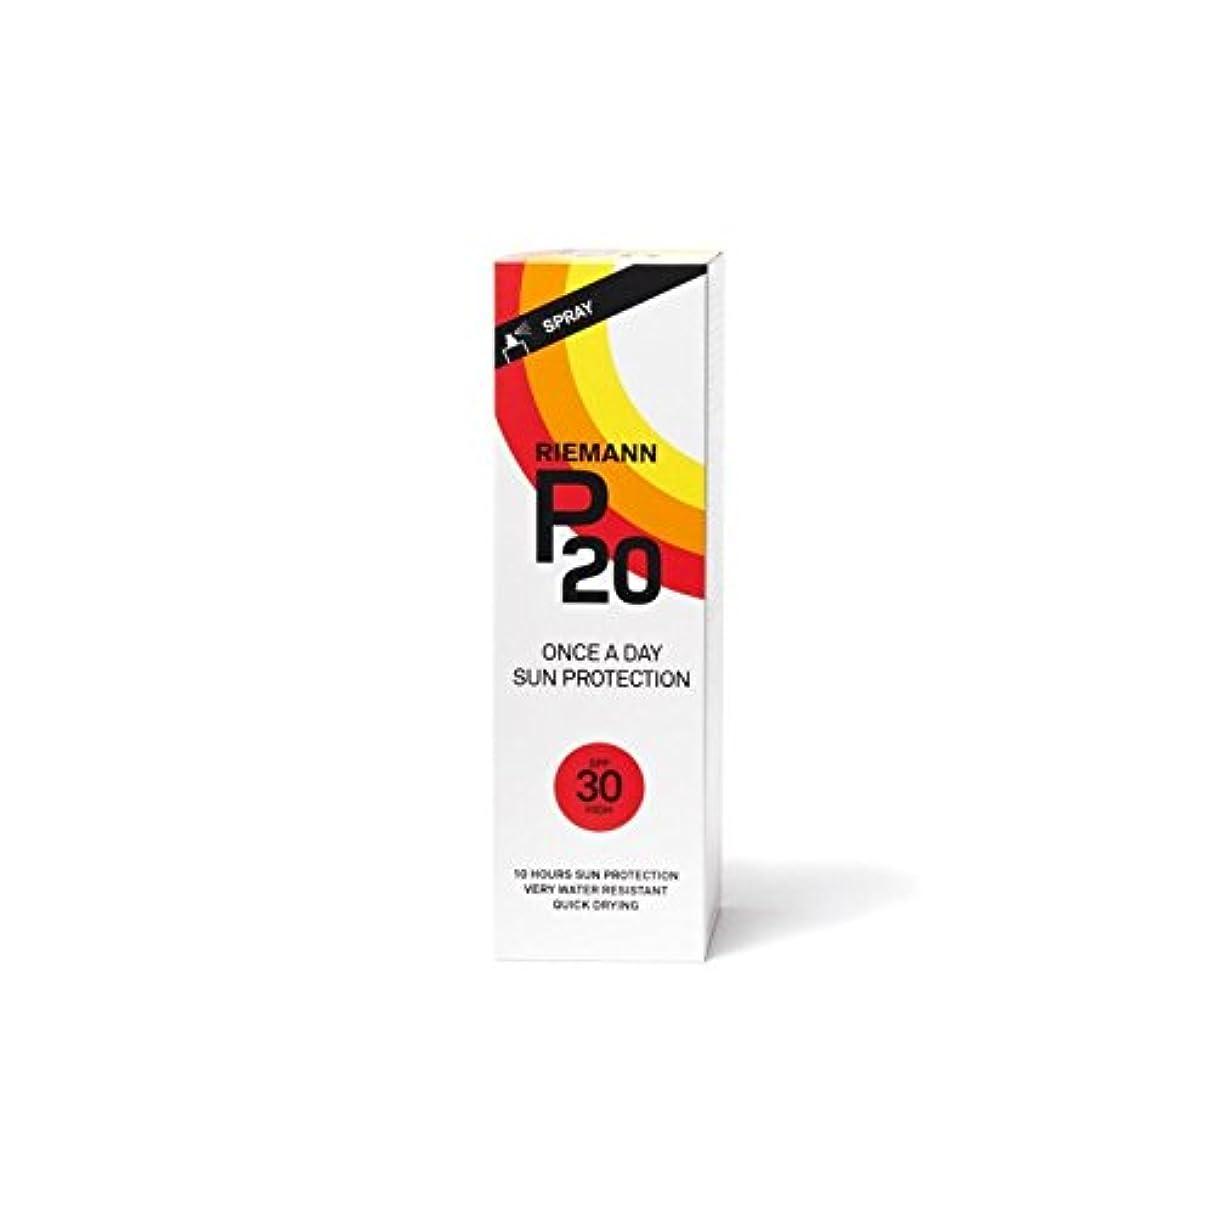 良心部ブームリーマン20のサンフィルター100ミリリットル30 x4 - Riemann P20 Sun Filter 100ml SPF30 (Pack of 4) [並行輸入品]